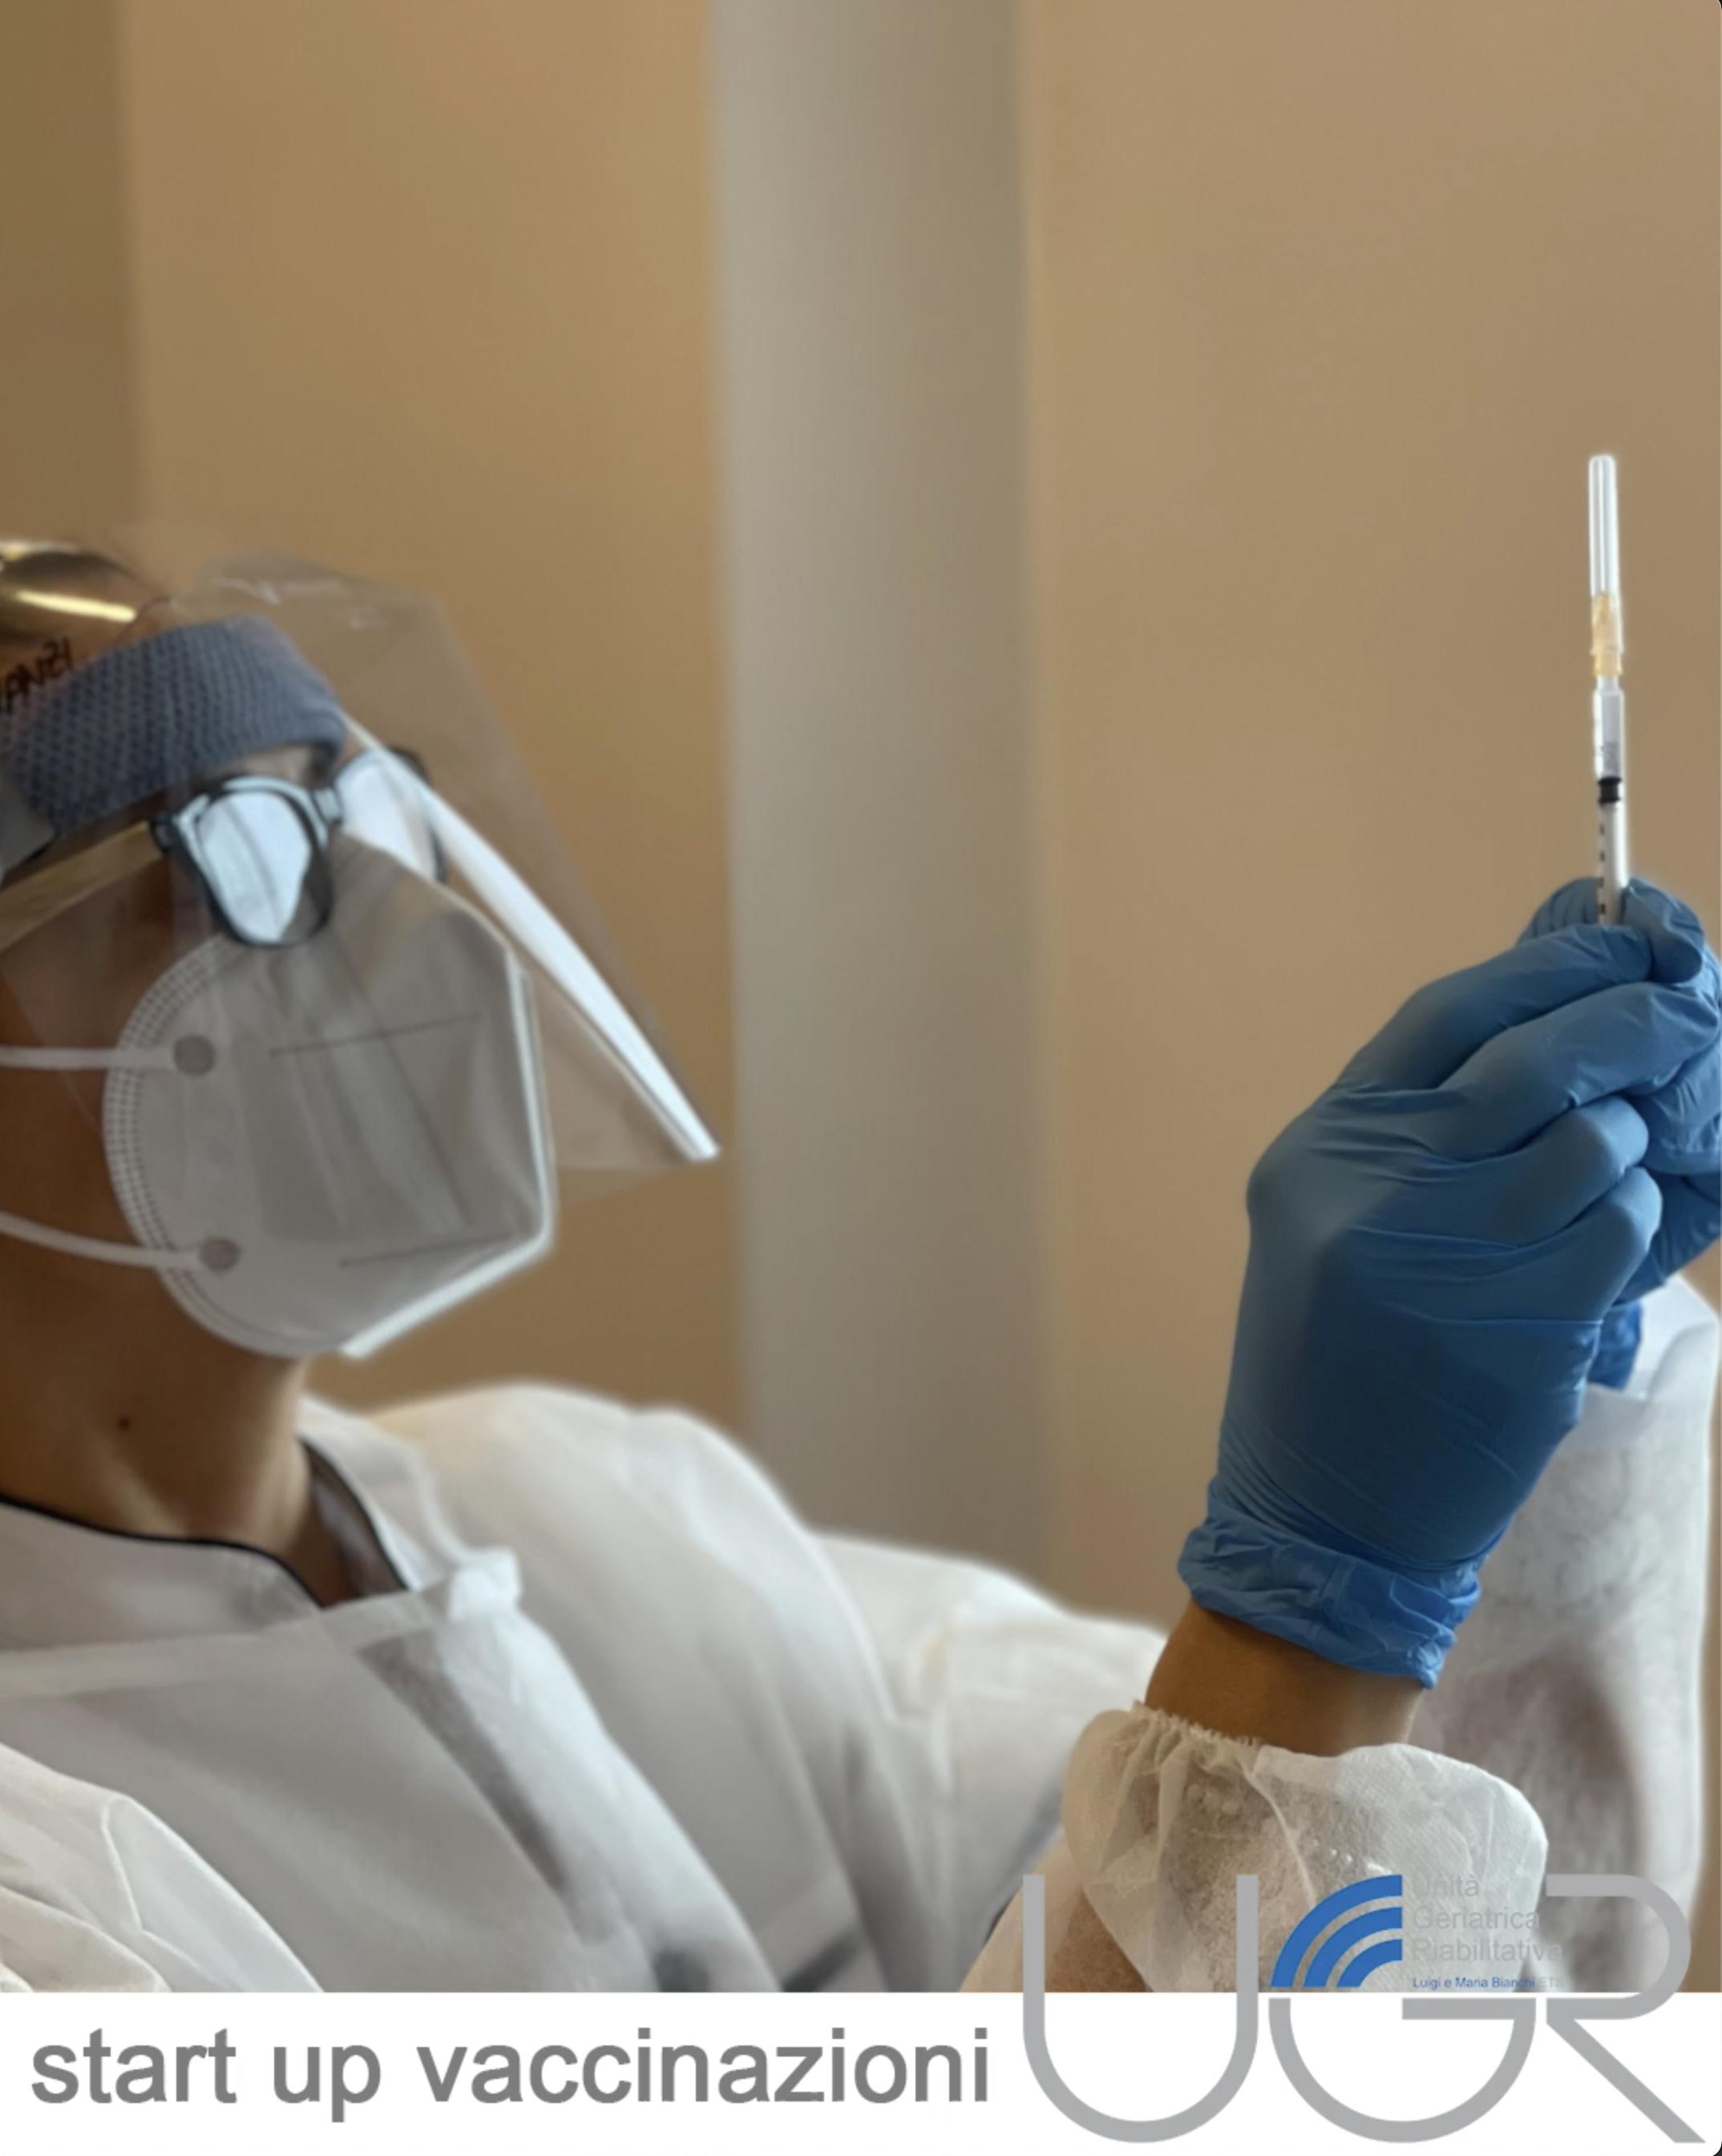 11 gennaio 2021, Start up vaccinazioni in UGR ETS